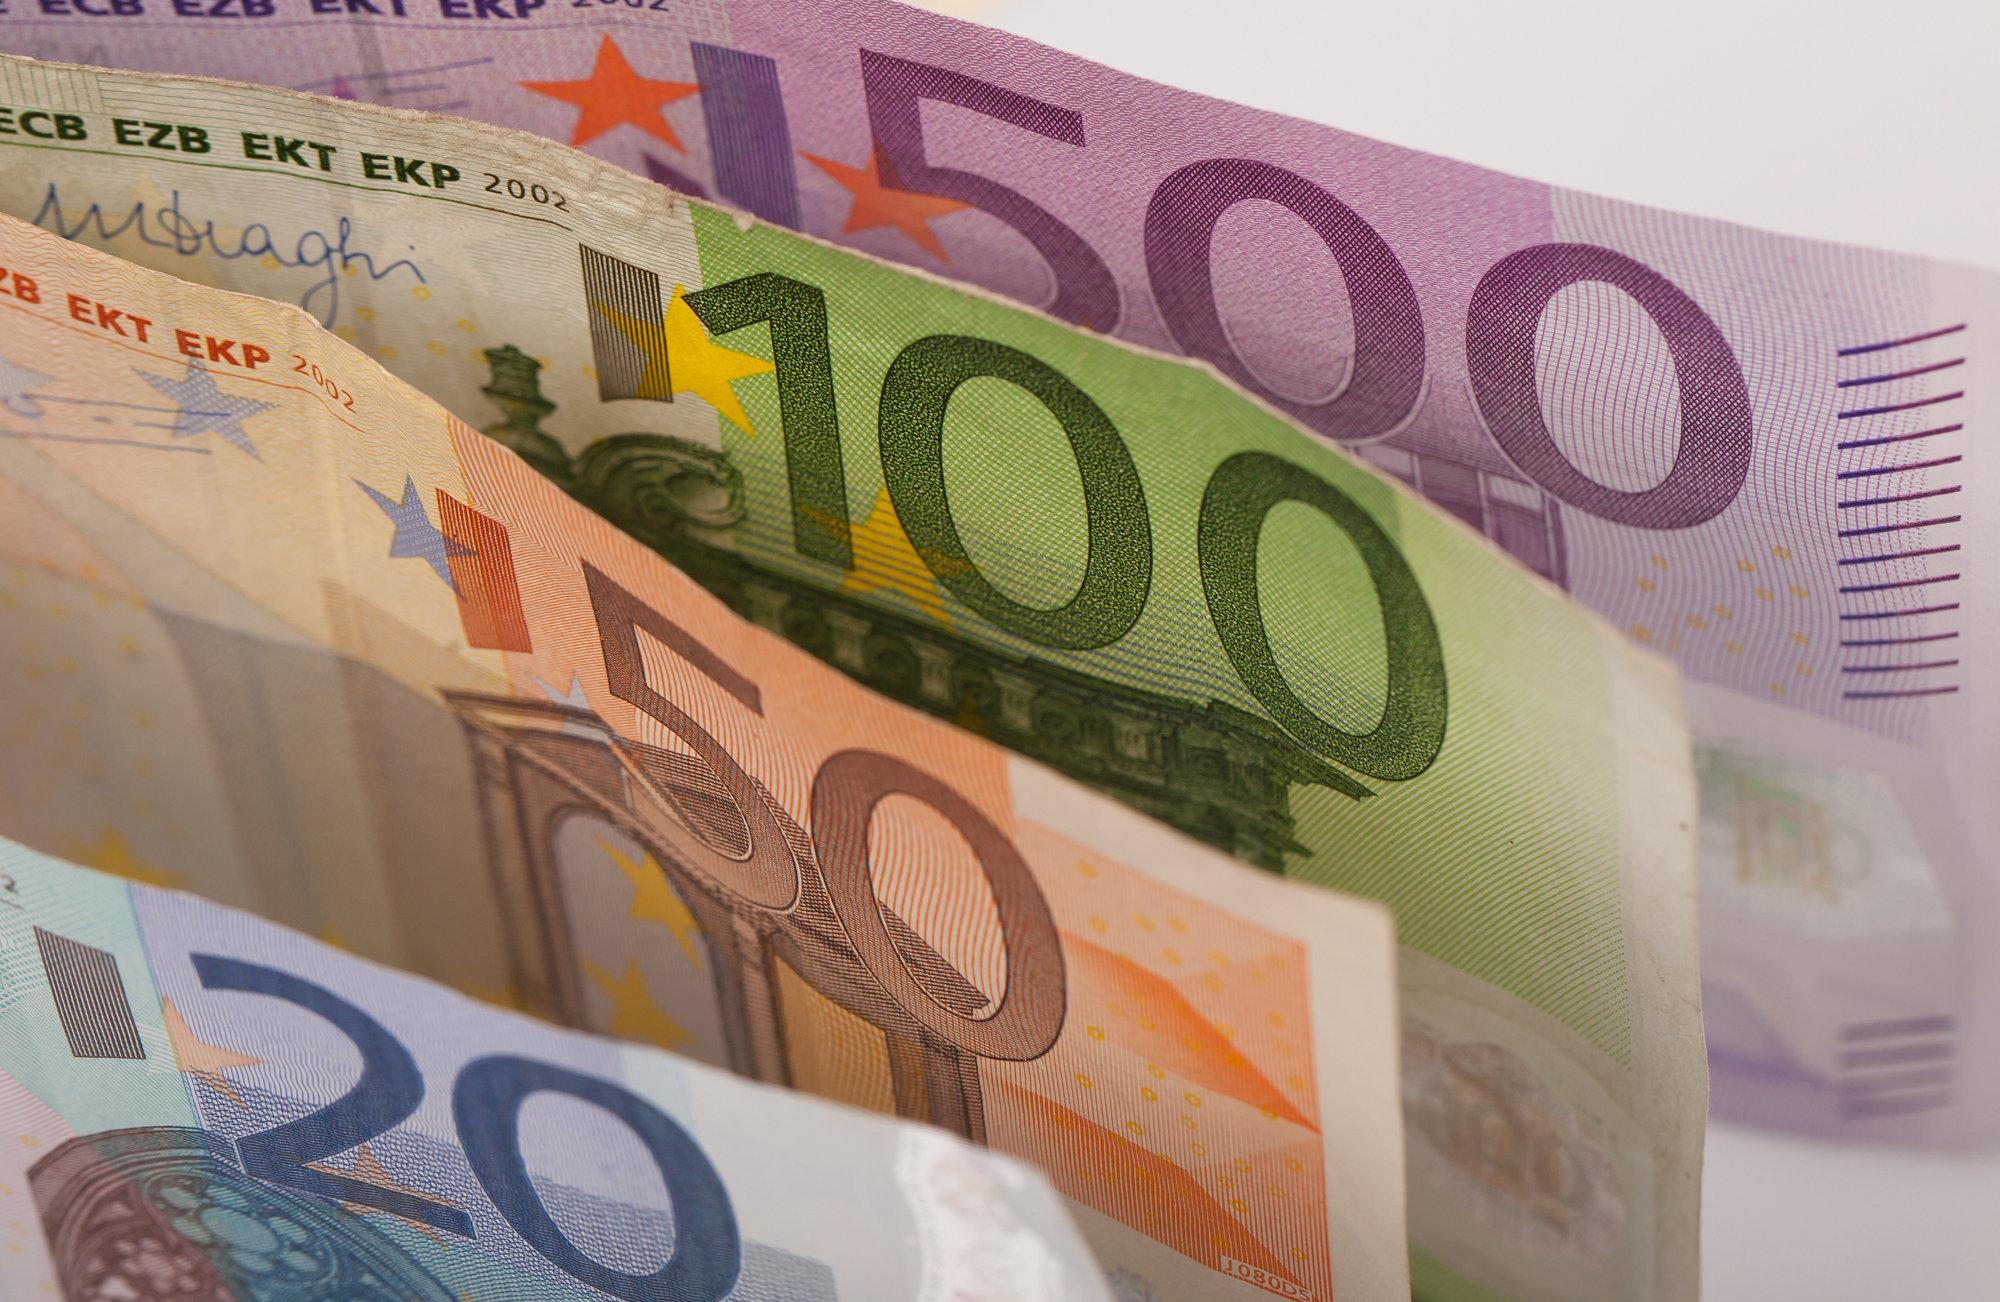 Конец купюры в 500 евро: конец эры наличных денег?